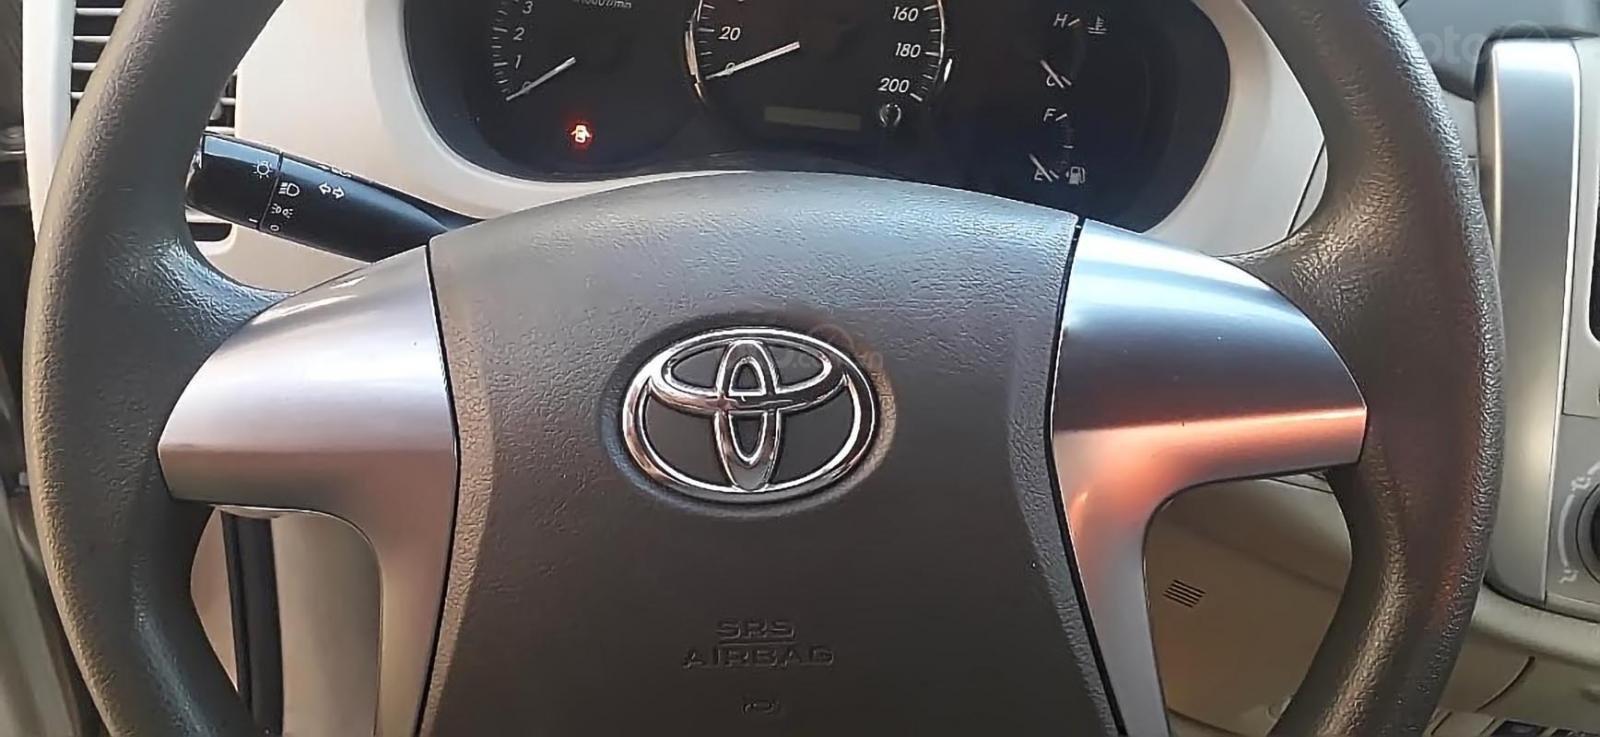 Gia đình bán Toyota Innova 2.0E năm 2014, màu vàng cát-4